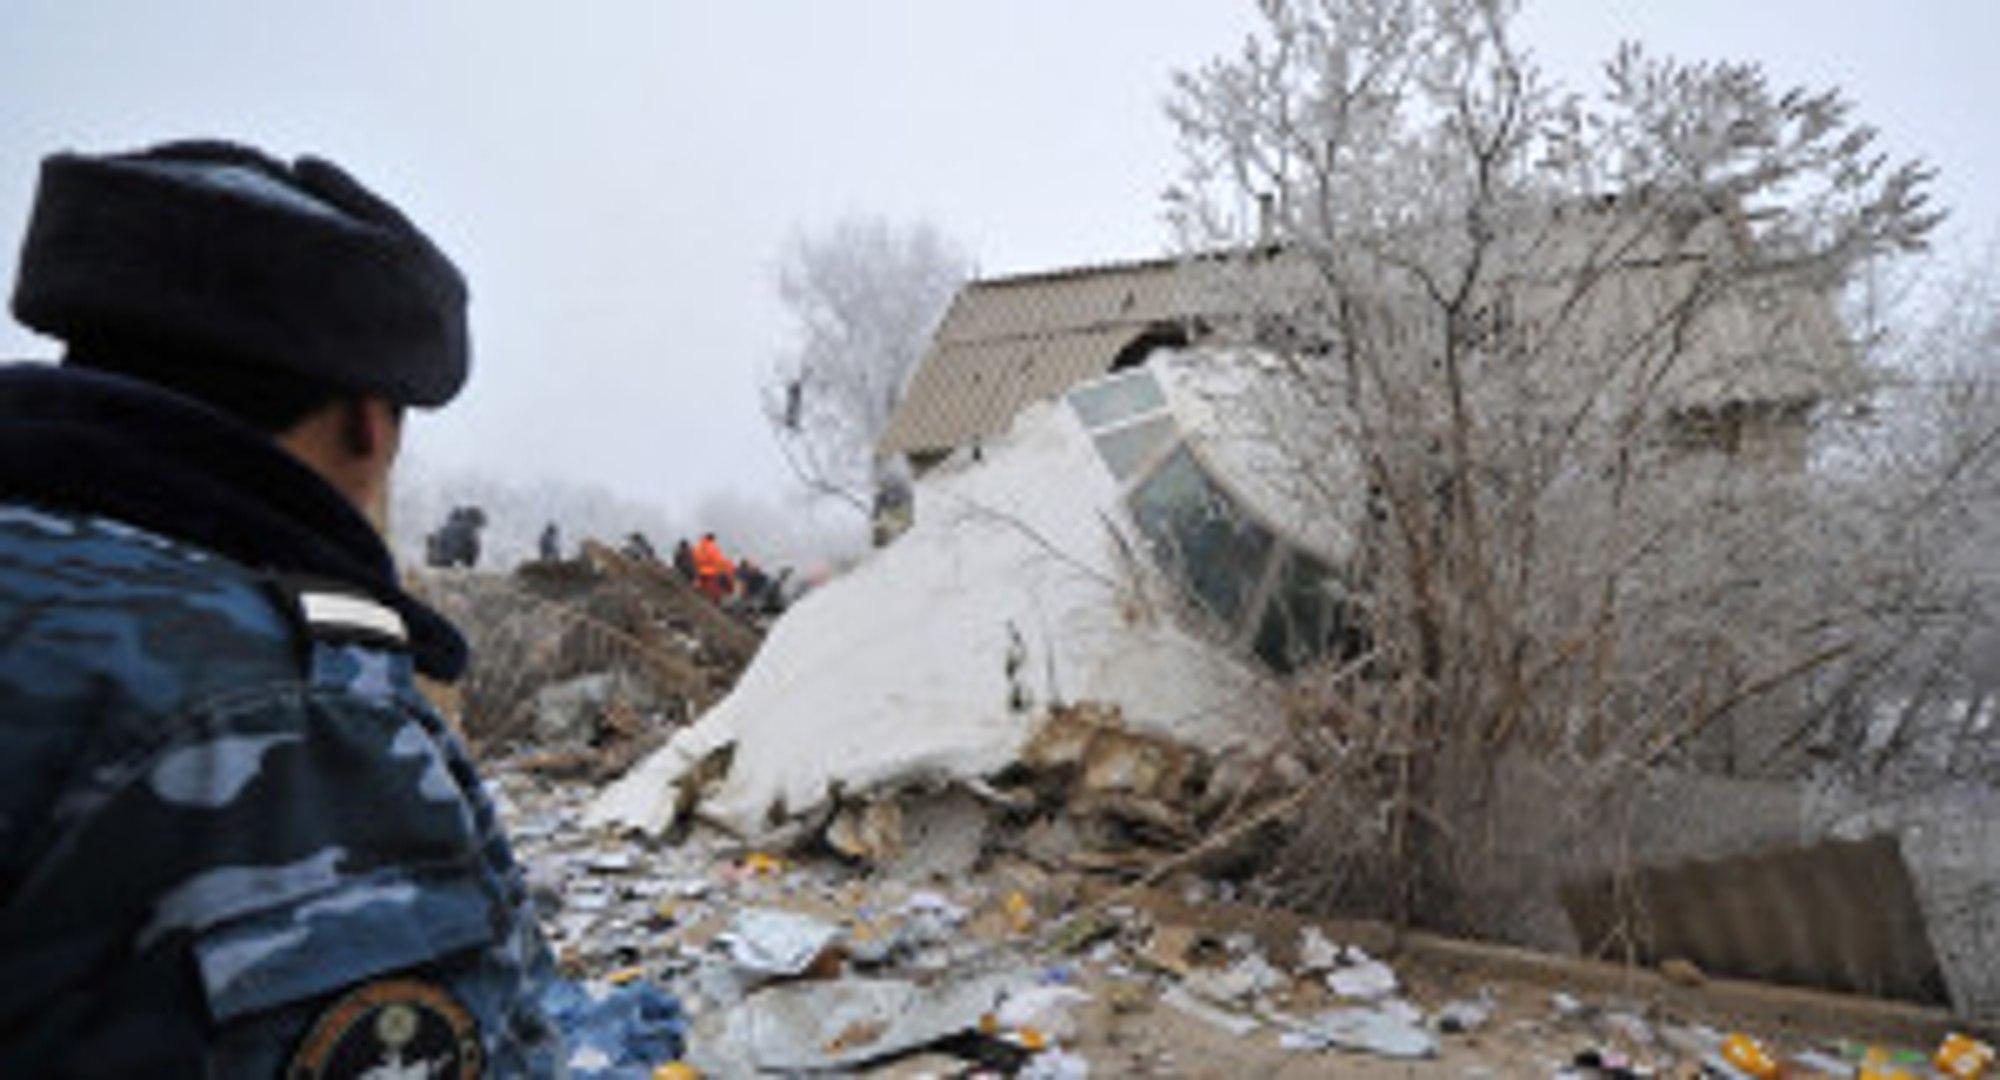 Türk Kargo Uçağının Pilotaj Hatası Yüzünden Düştüğü Tespit Edildi